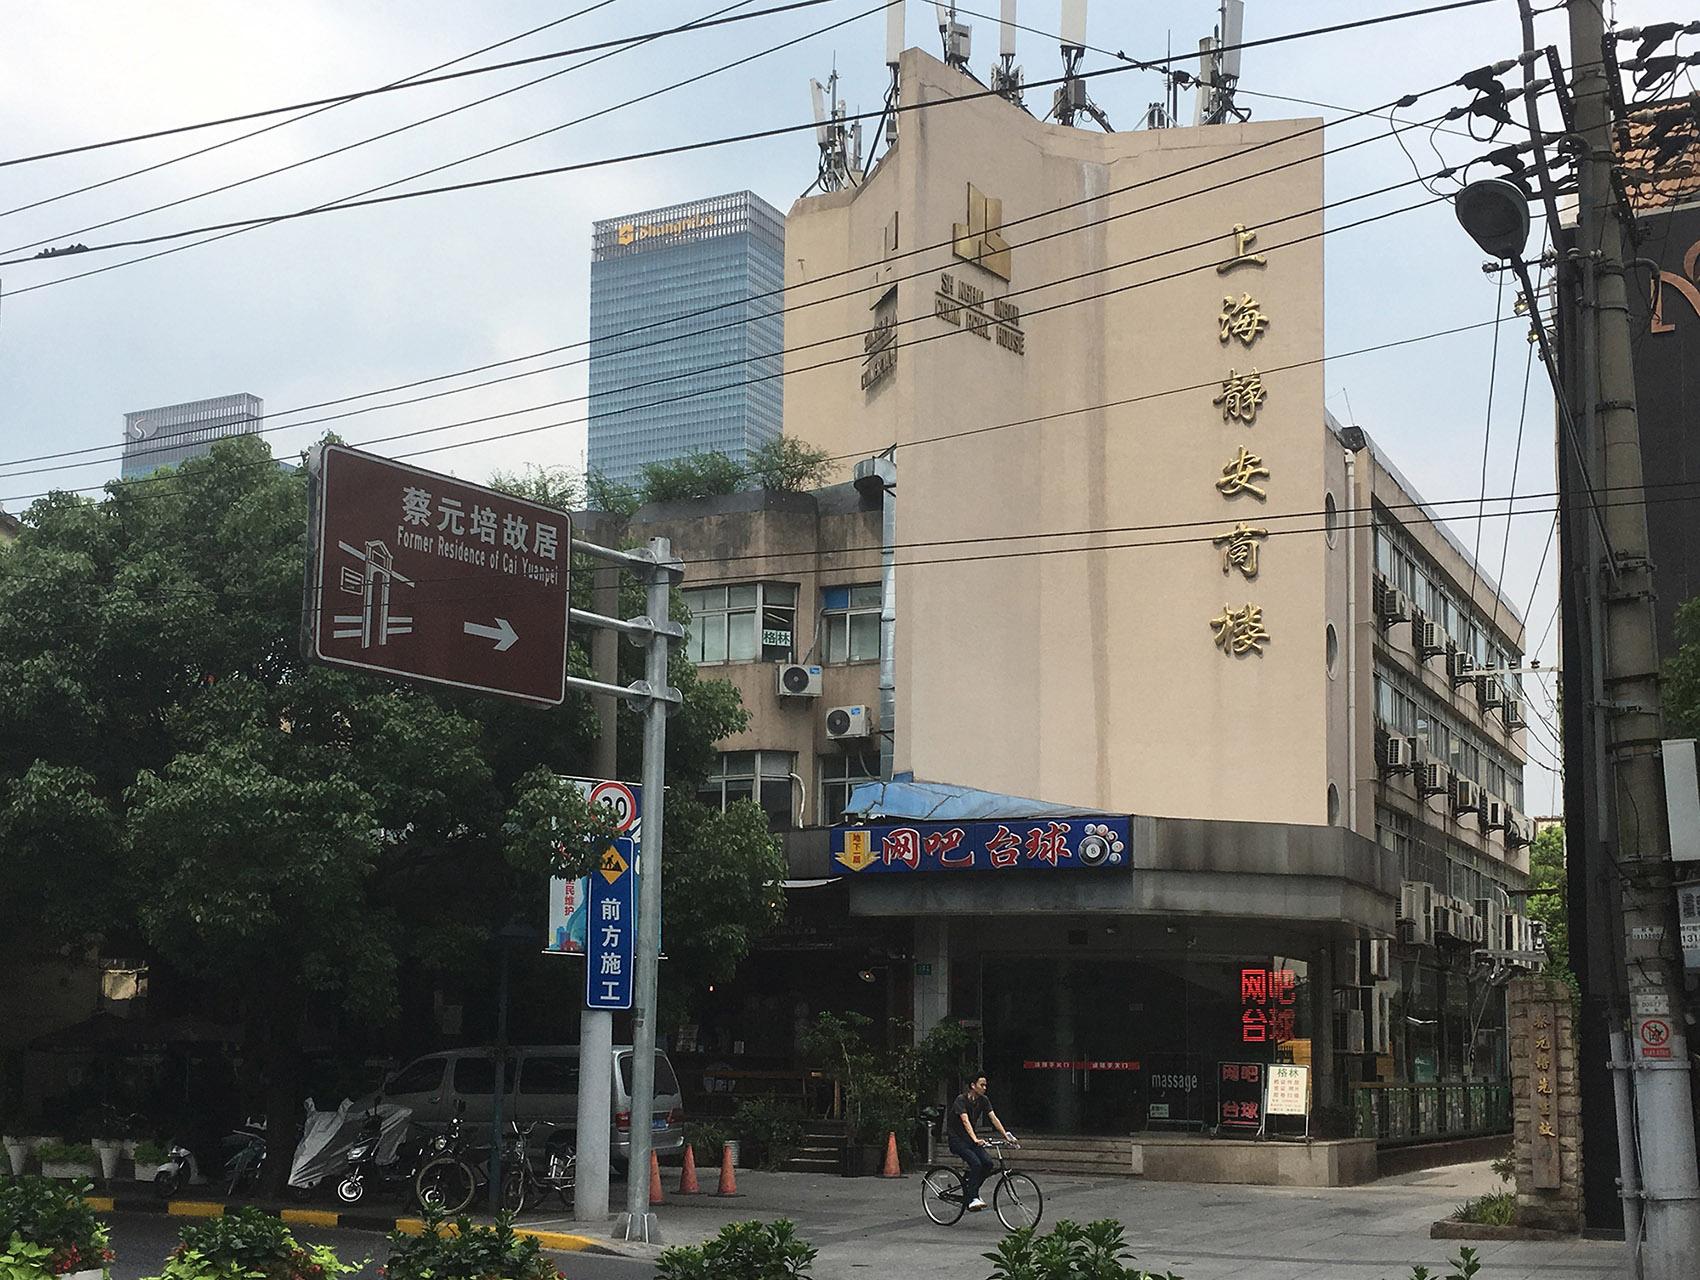 街角最时髦的建筑